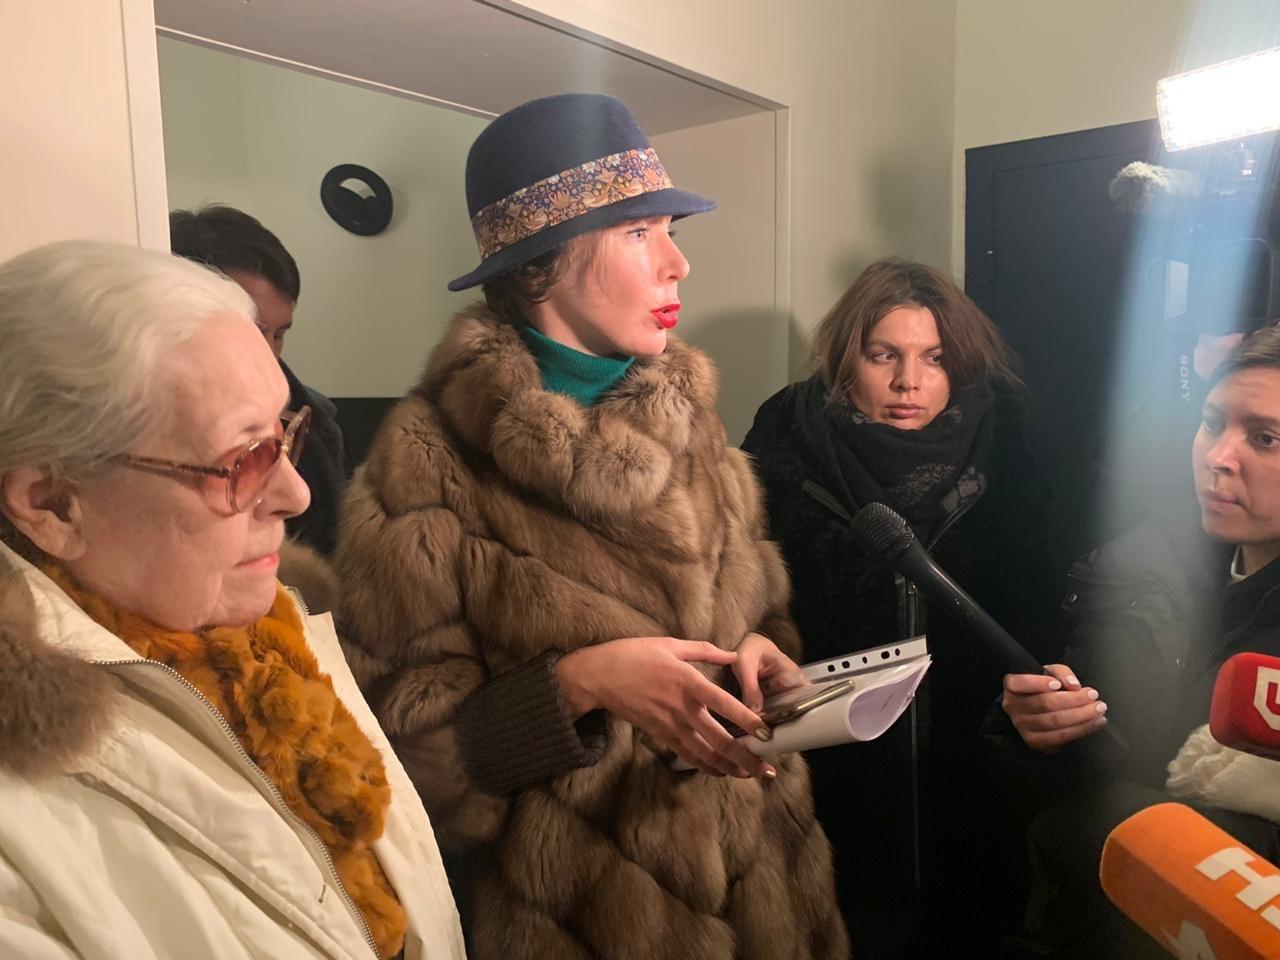 Федосеева-Шукшина попыталась прорваться в квартиру к Алибасову. Уверена, что он в заложниках у сына